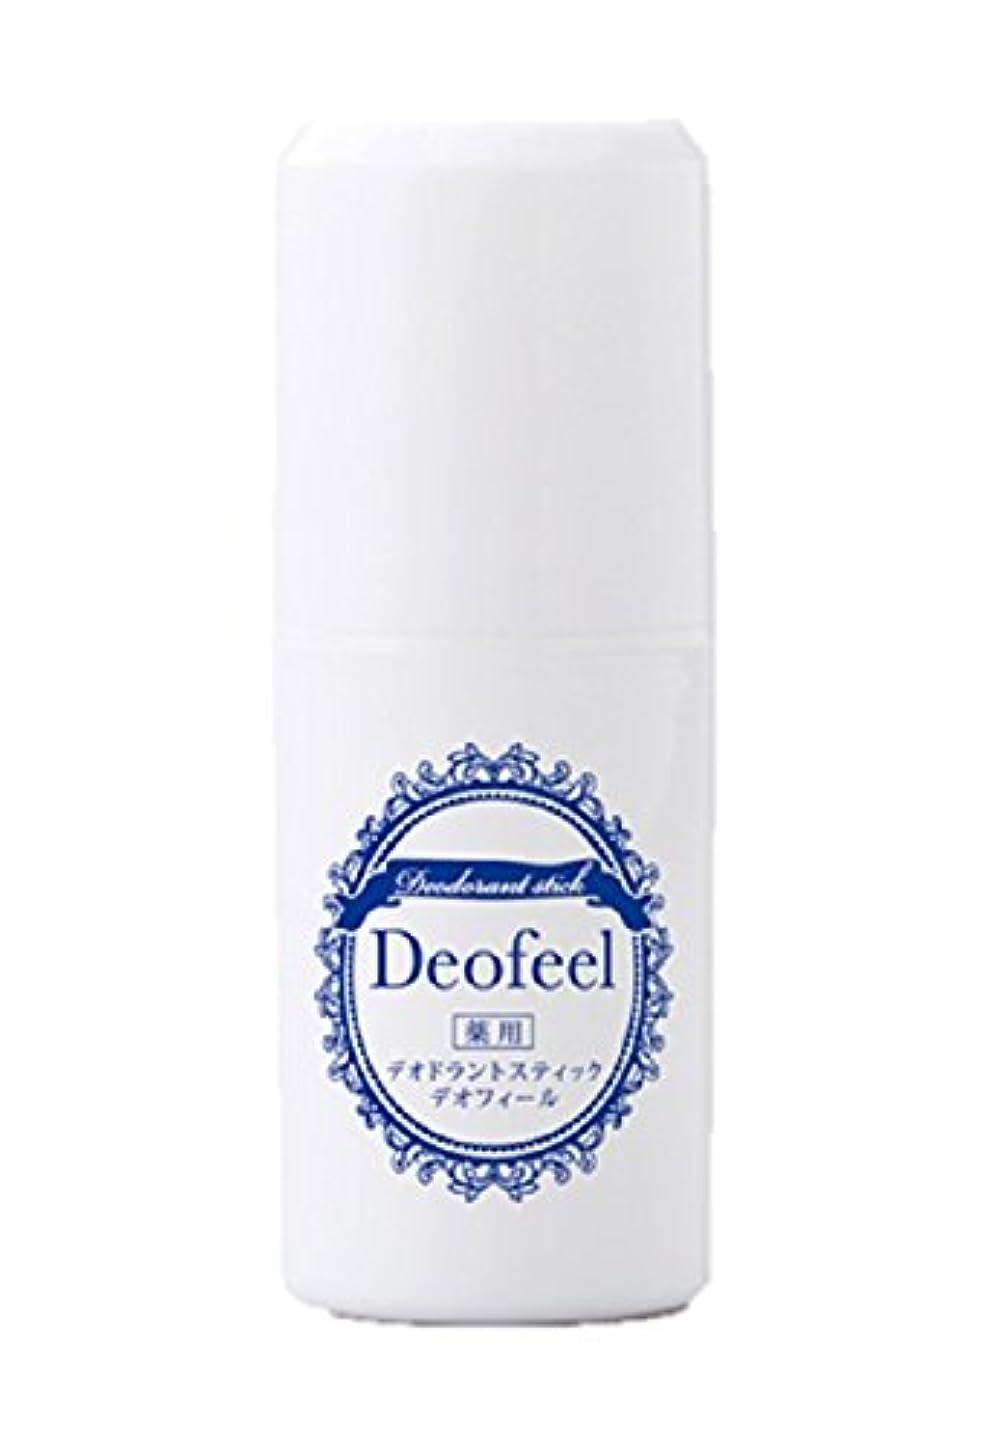 意味する午後励起薬用デオドラントスティック デオフィール デオドラントクリーム スティック 制汗剤 消臭 薬用 わきが 足 日本製 (15g×1本)